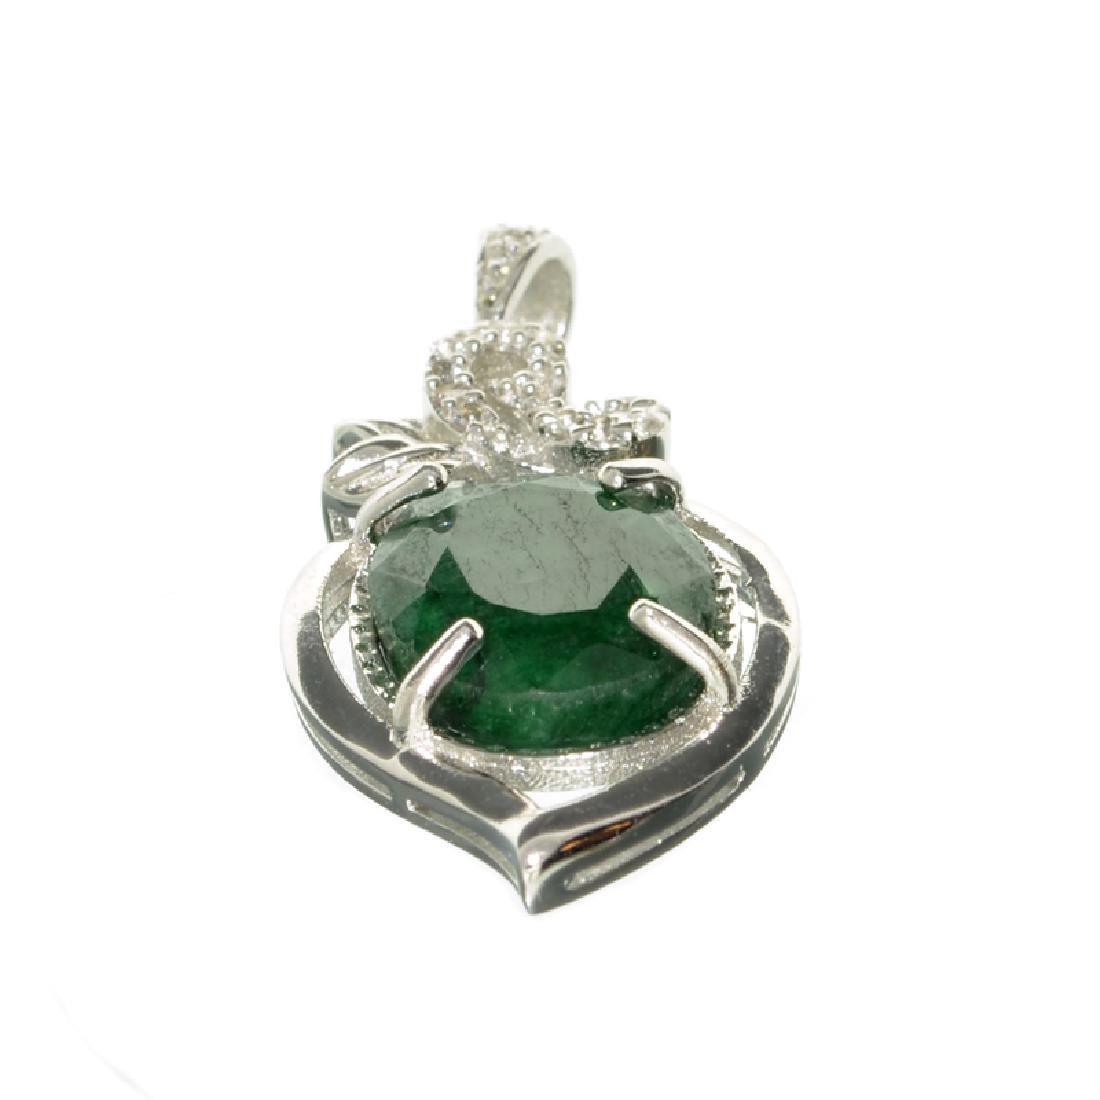 APP: 0.6k Fine Jewelry 8.00CT Oval Cut Green